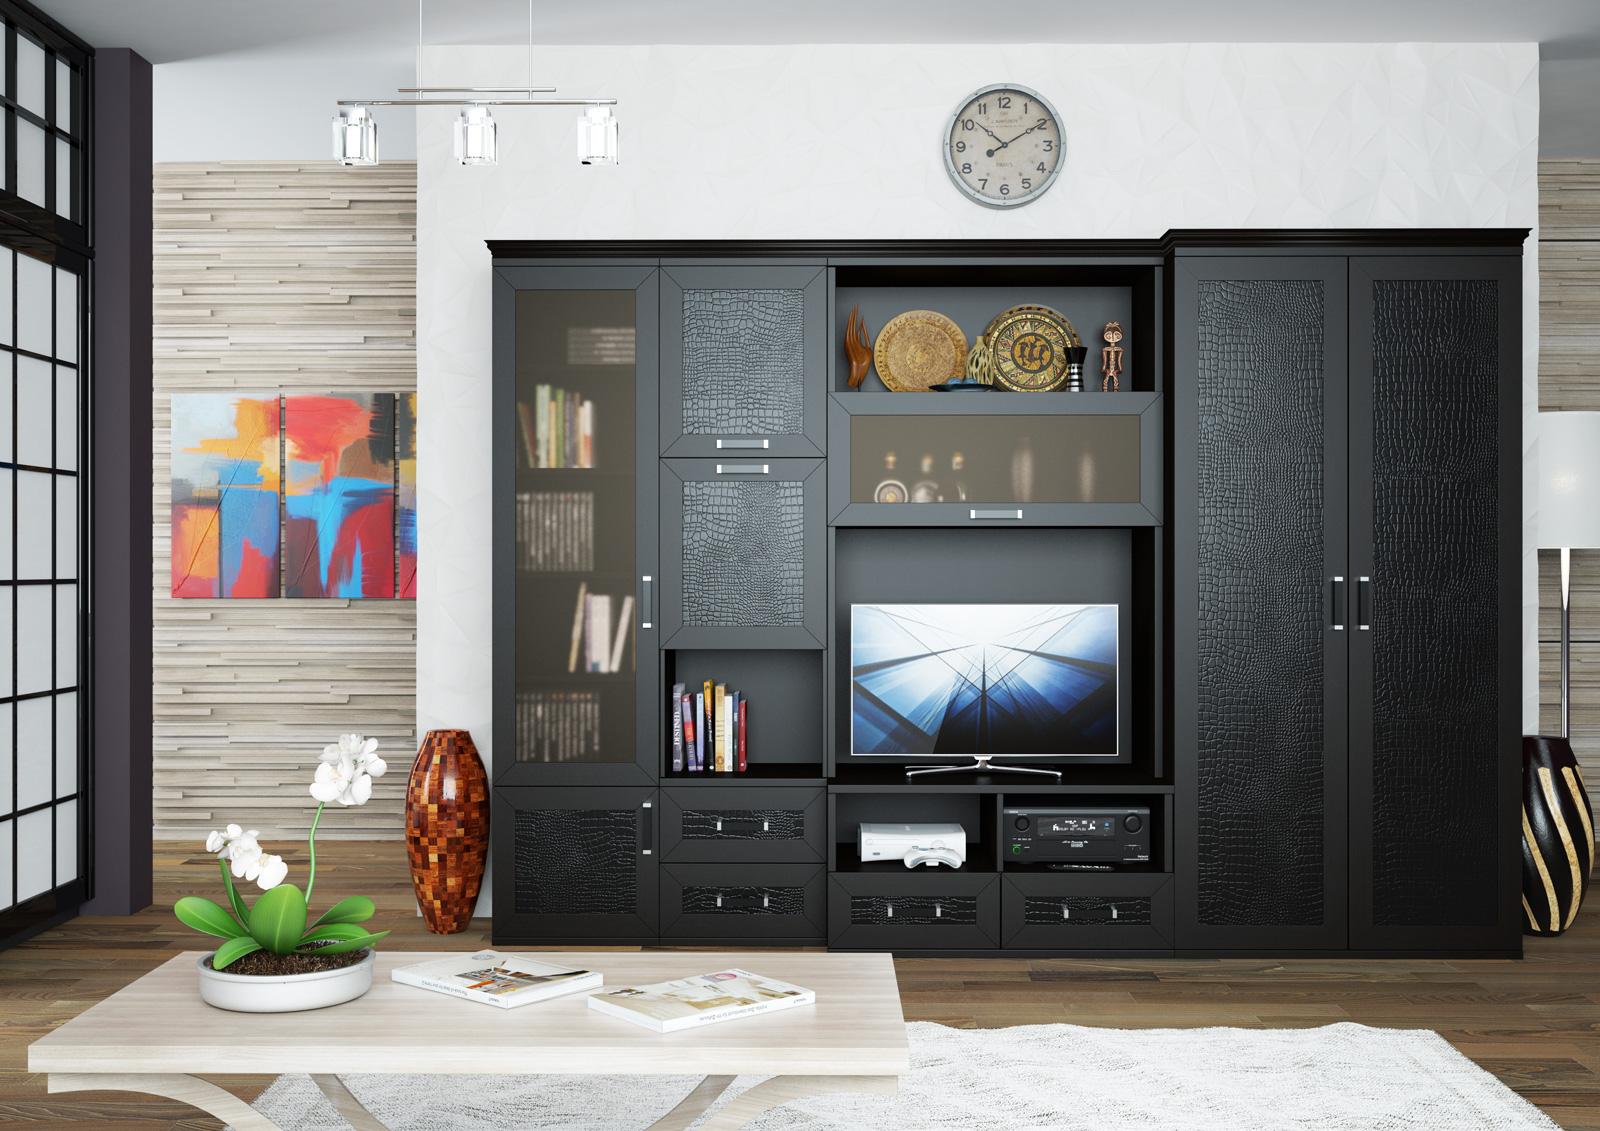 """Мебельная фабрика """"центурион 99"""", г. пенза / гостиная стенка."""